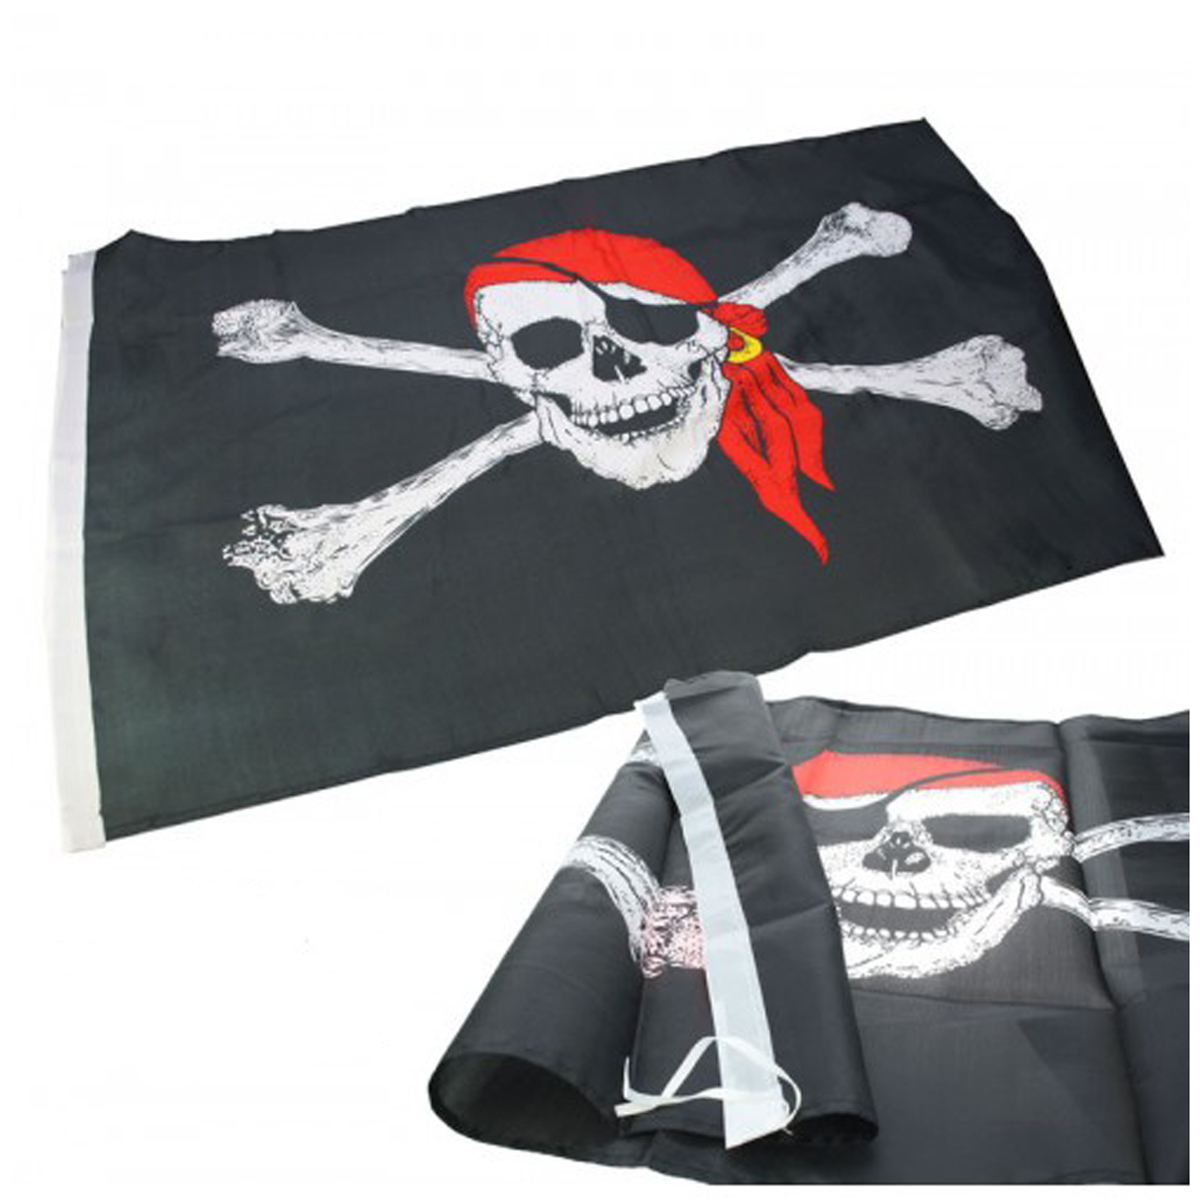 Drapeau \'Pirate\' noir rouge - 90x150 cm - [J1620]